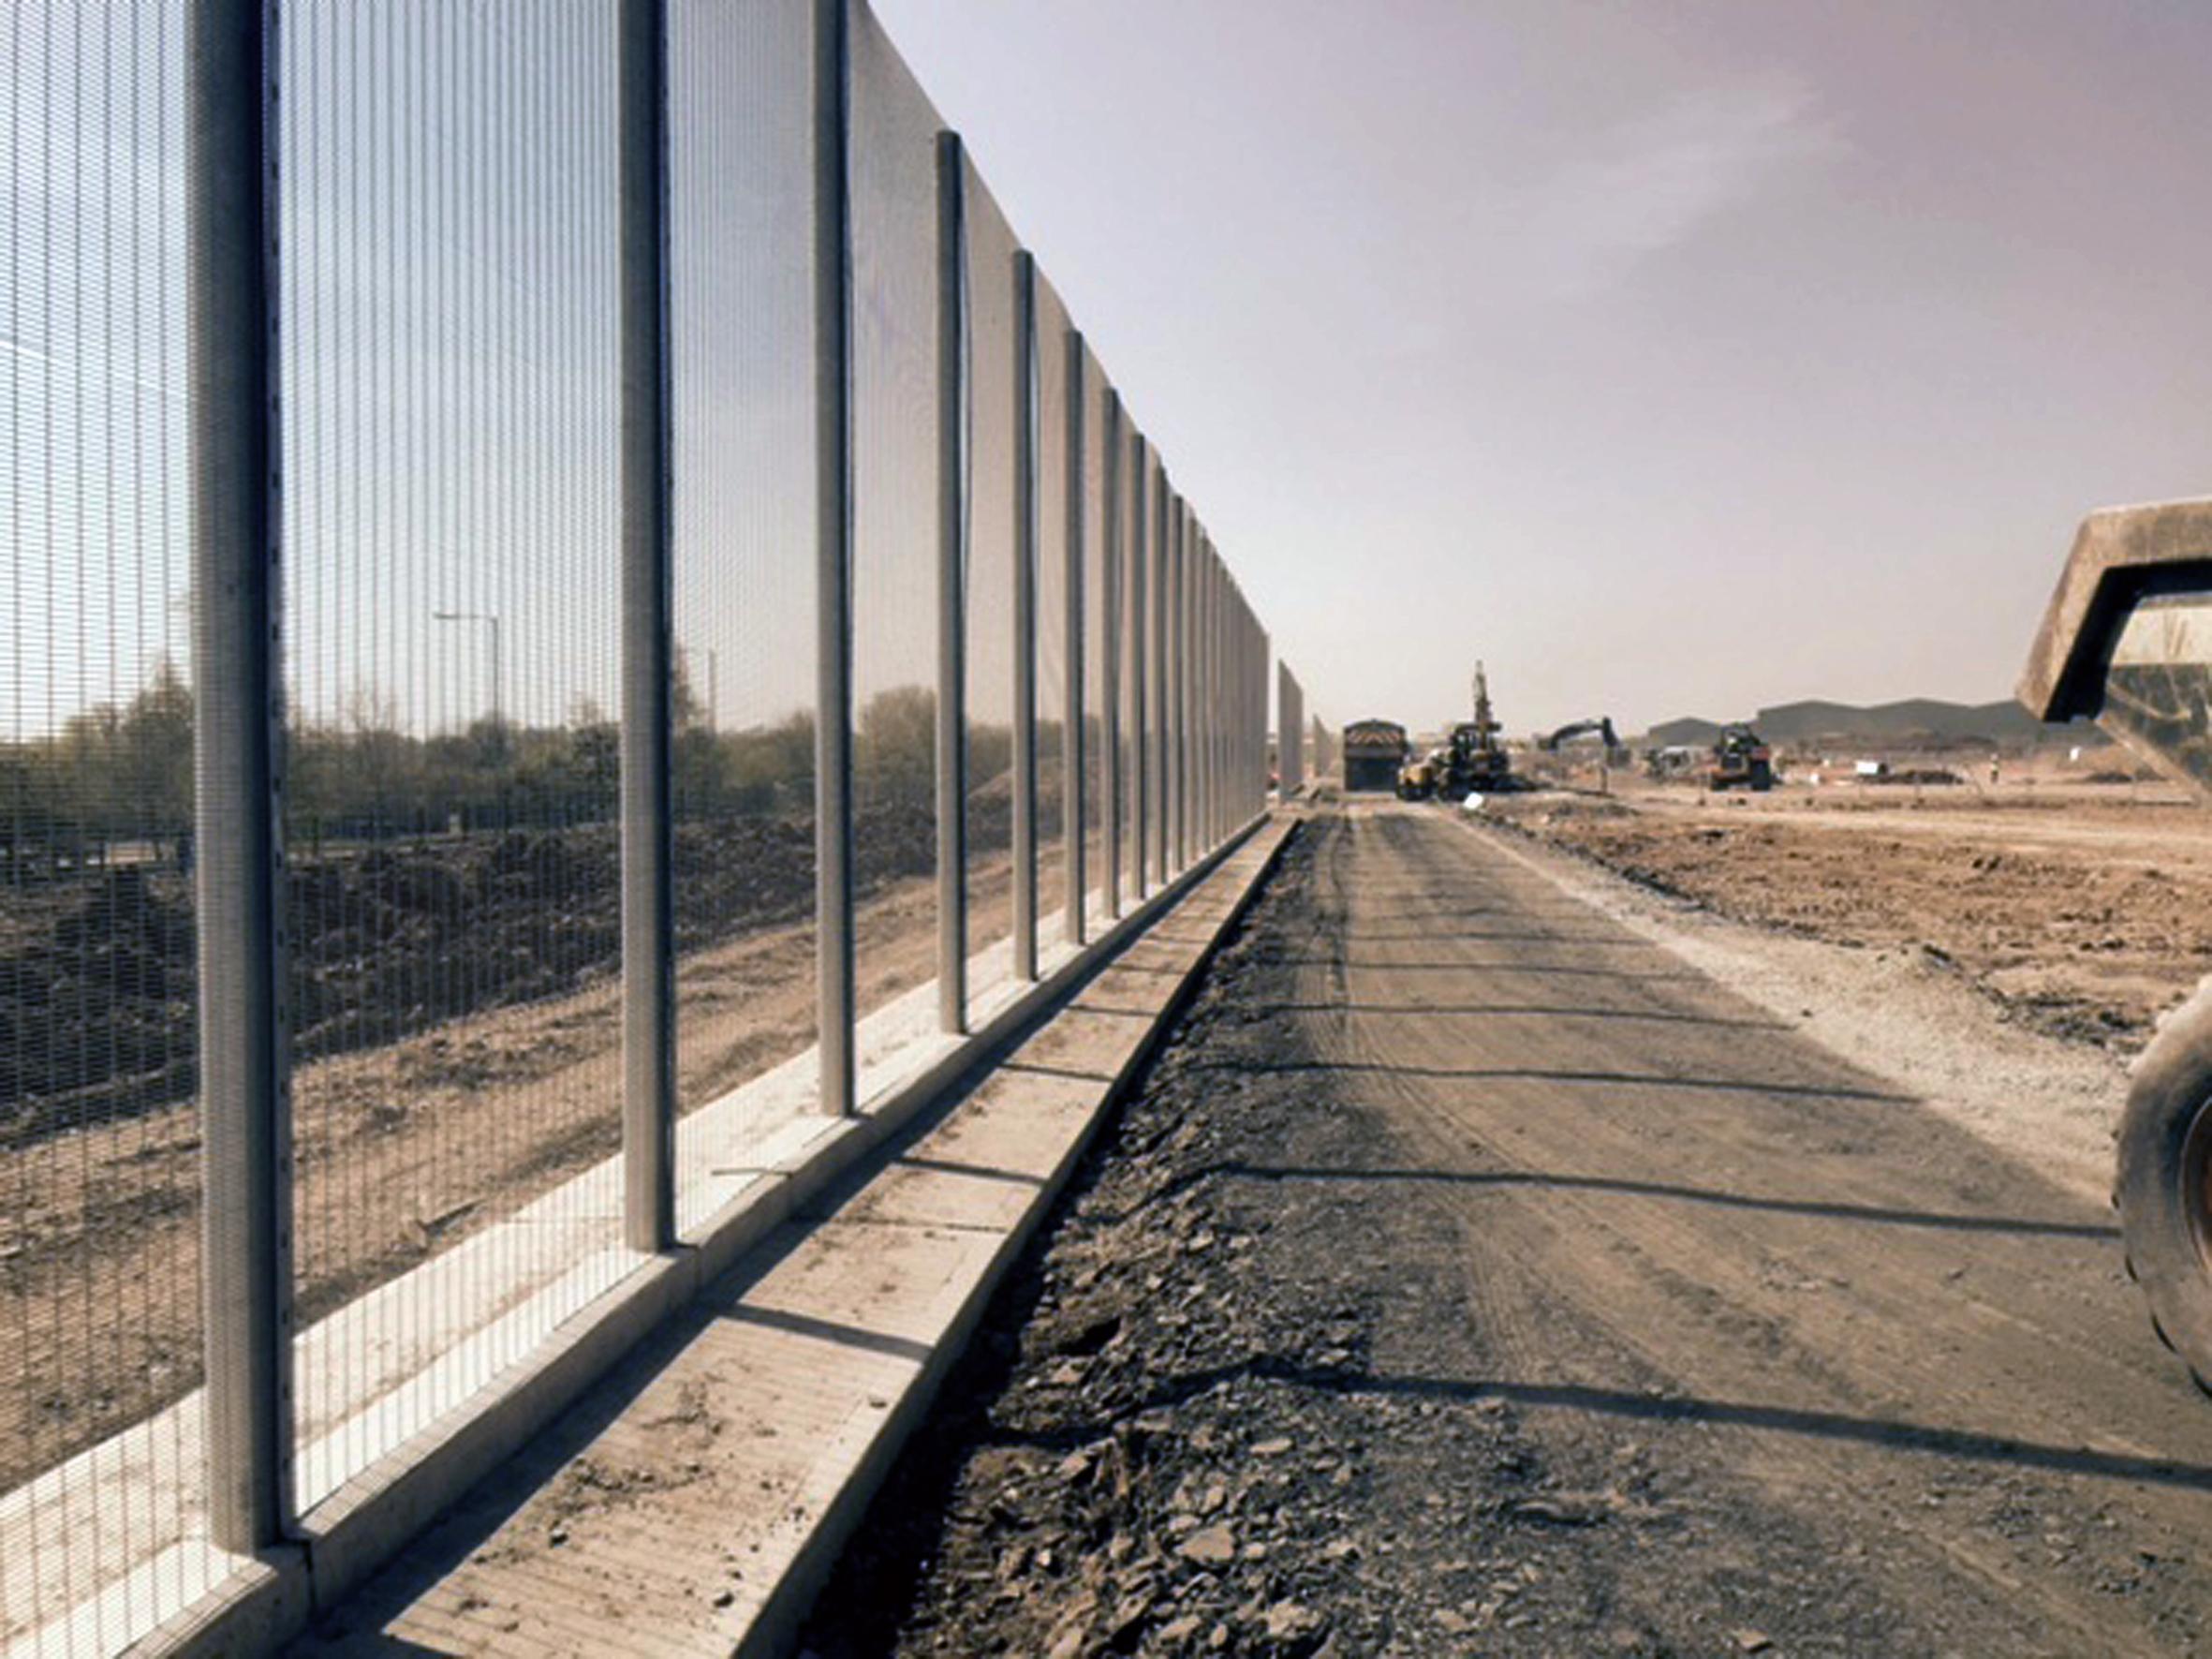 Malerisch Super Zaun Foto Von Perimeter Security For The £250 Million